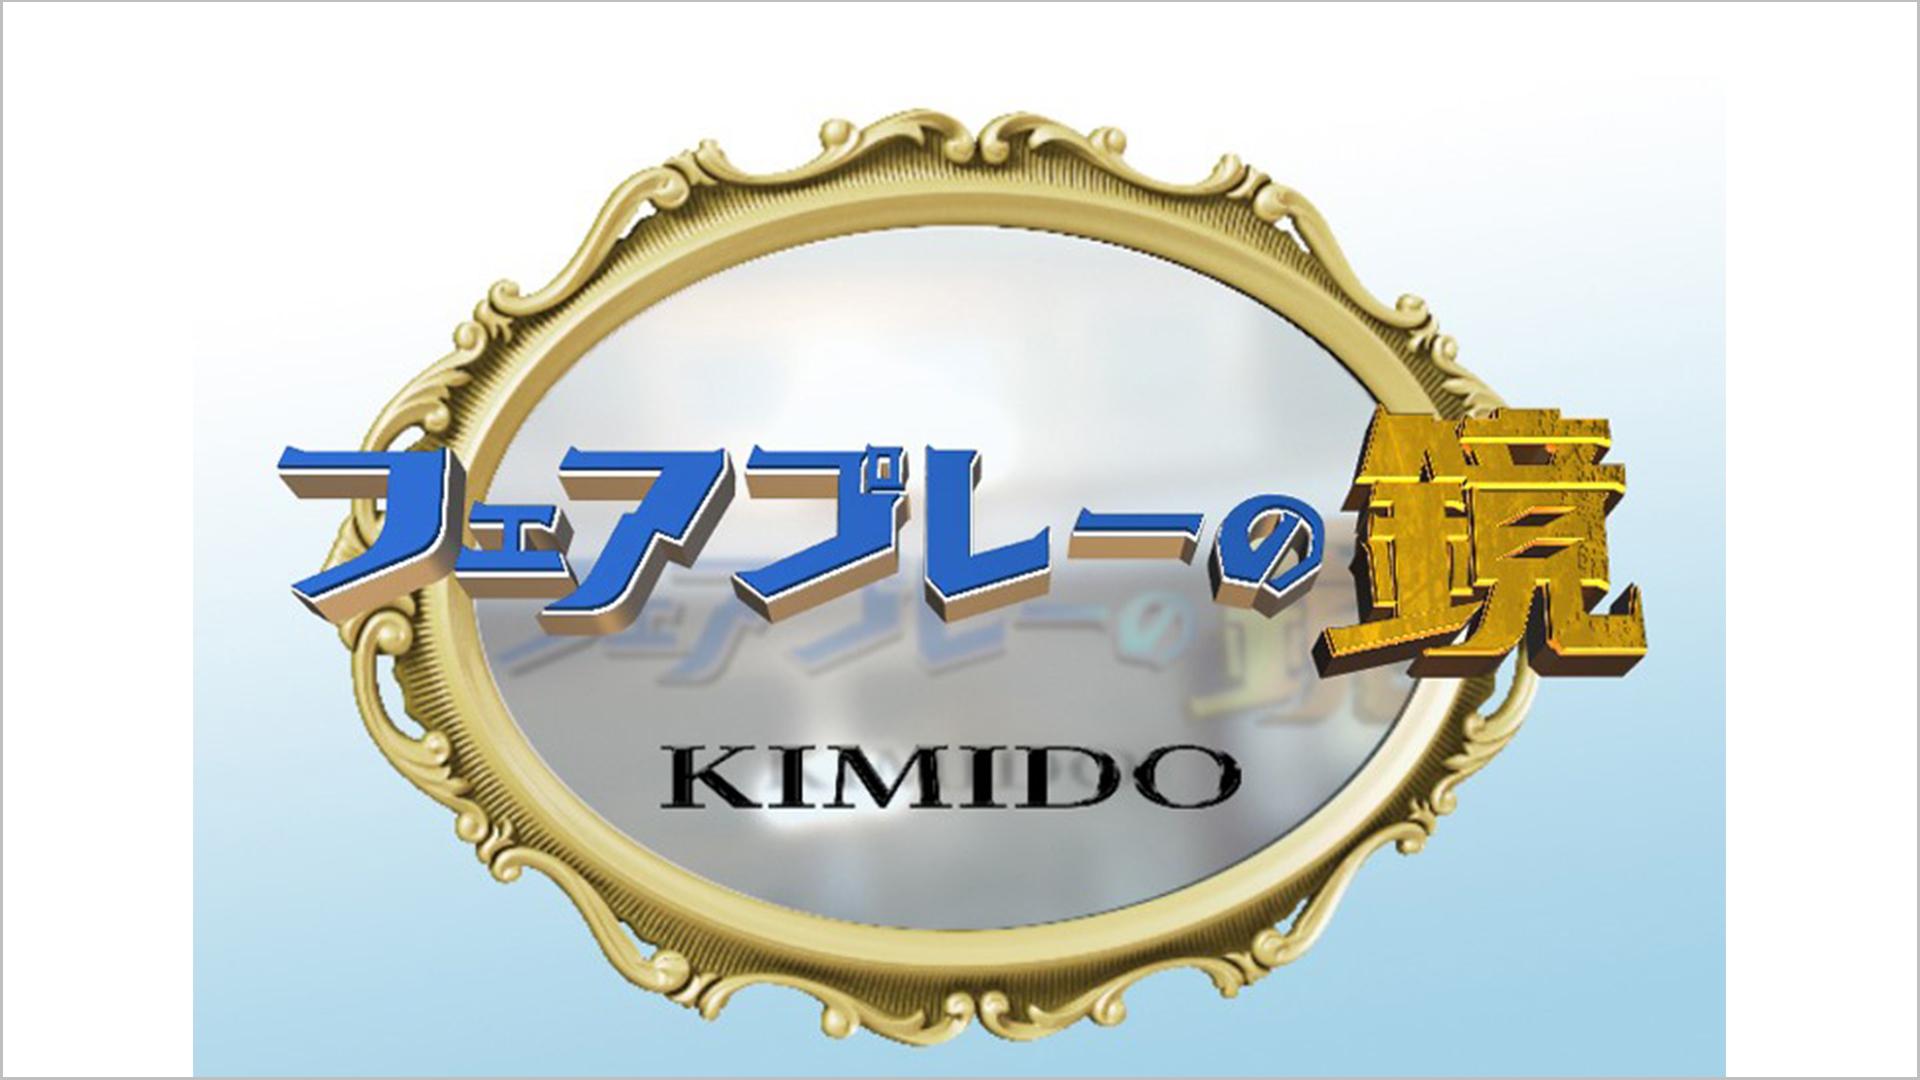 フェアプレーの鏡 〜KIMIDO?〜 #4 ノーサイド/グッドルーザー